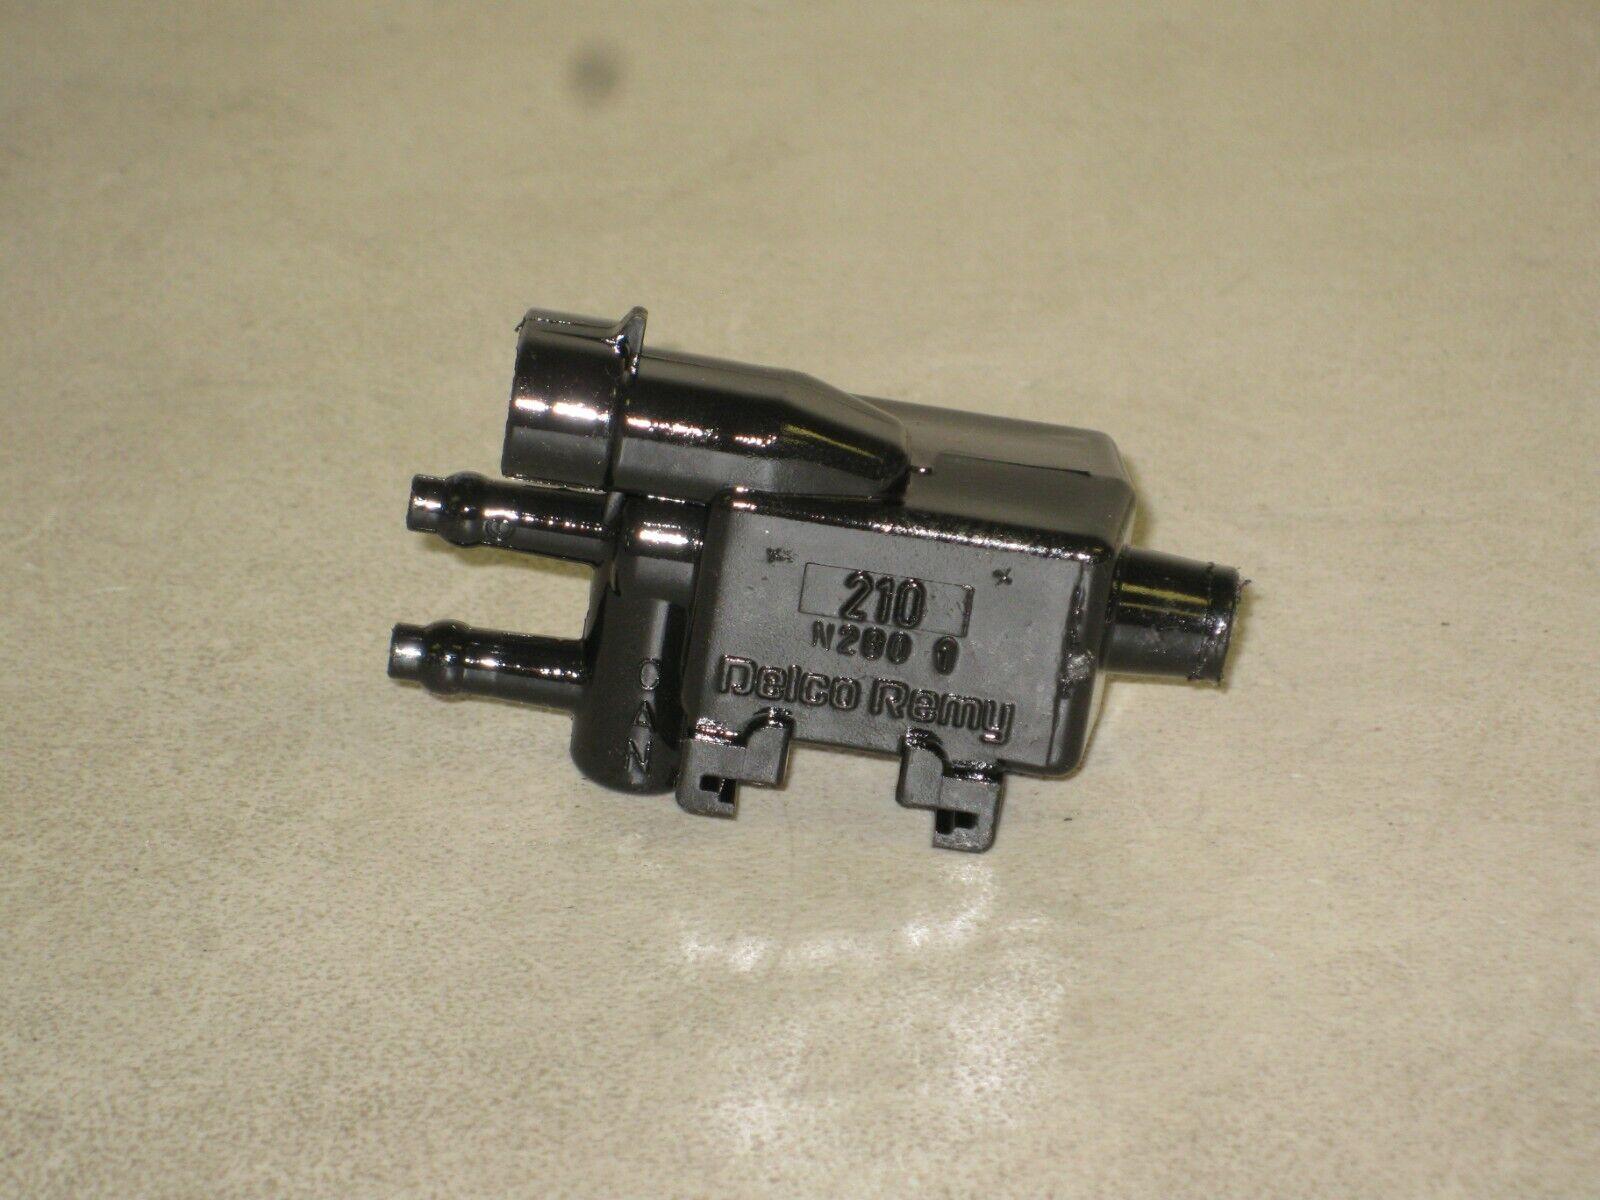 96 97 98 99 Acura SLX Honda Passport Vapor Canister Purge Control Valve Solenoid